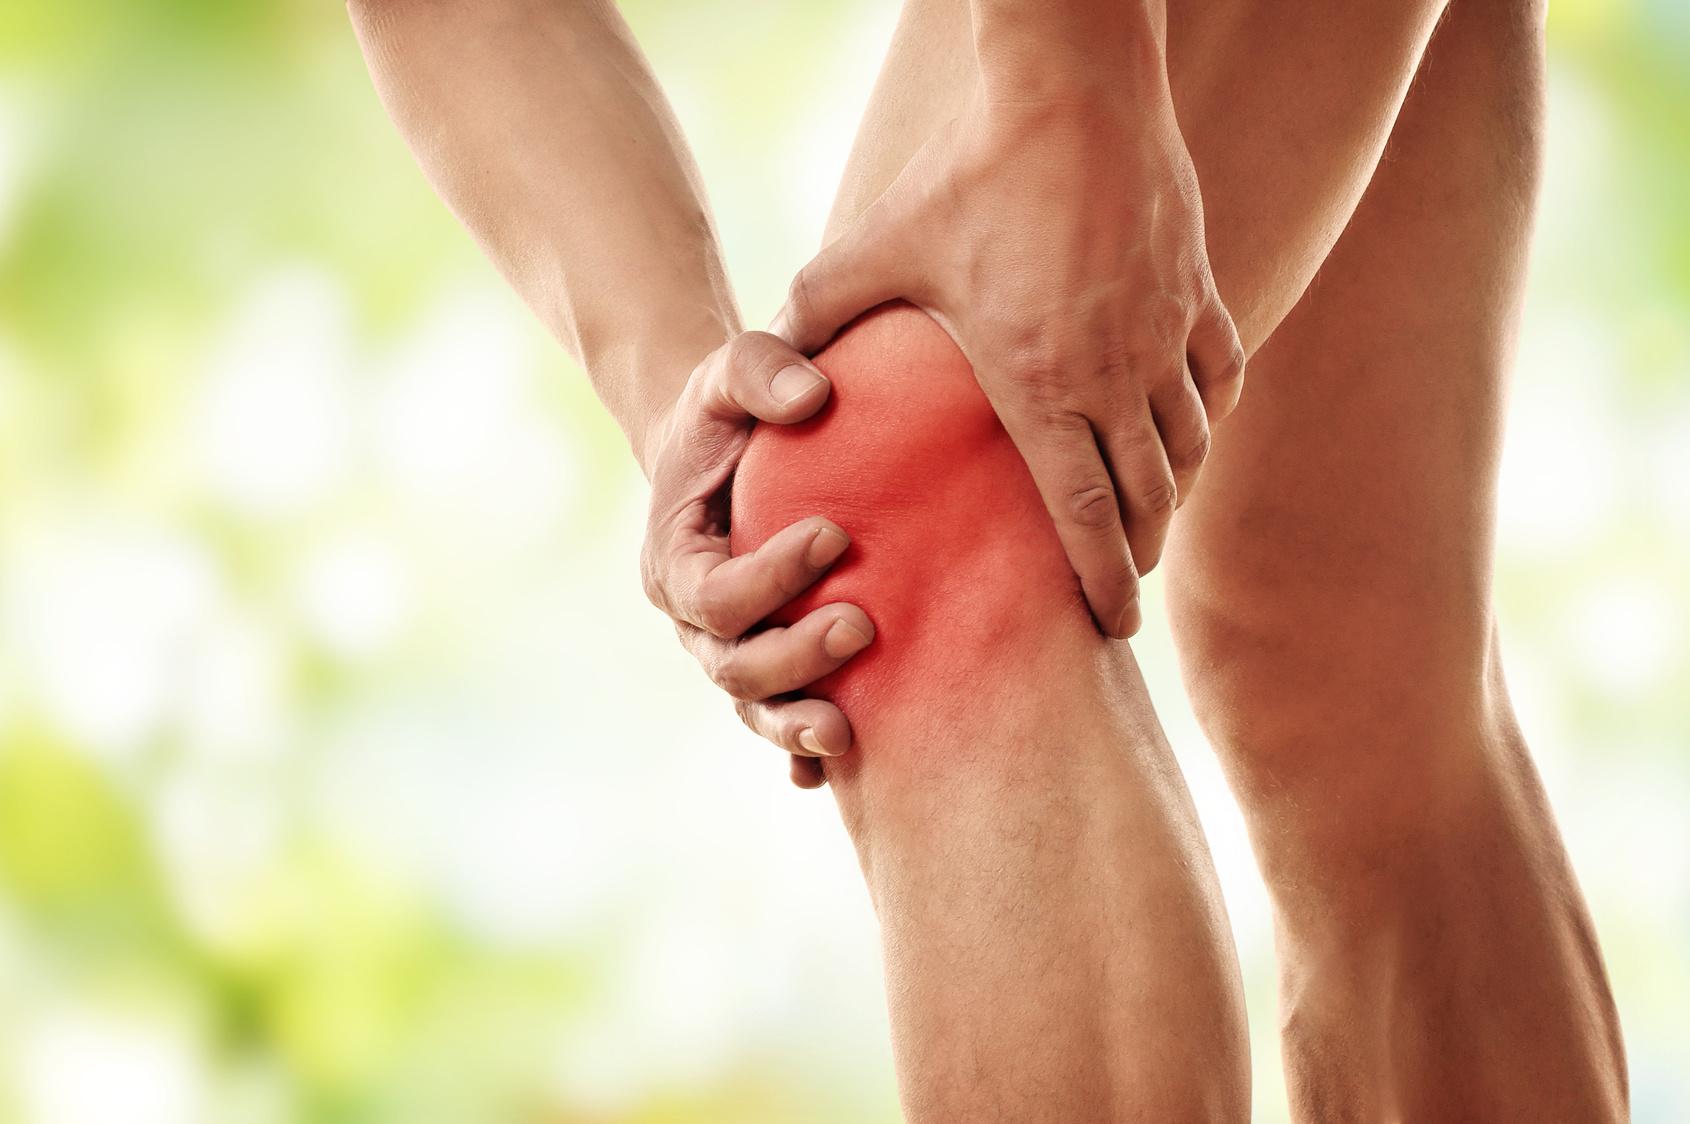 ひざが痛いのはなぜ?痛みを和らげる方法が知りたい!